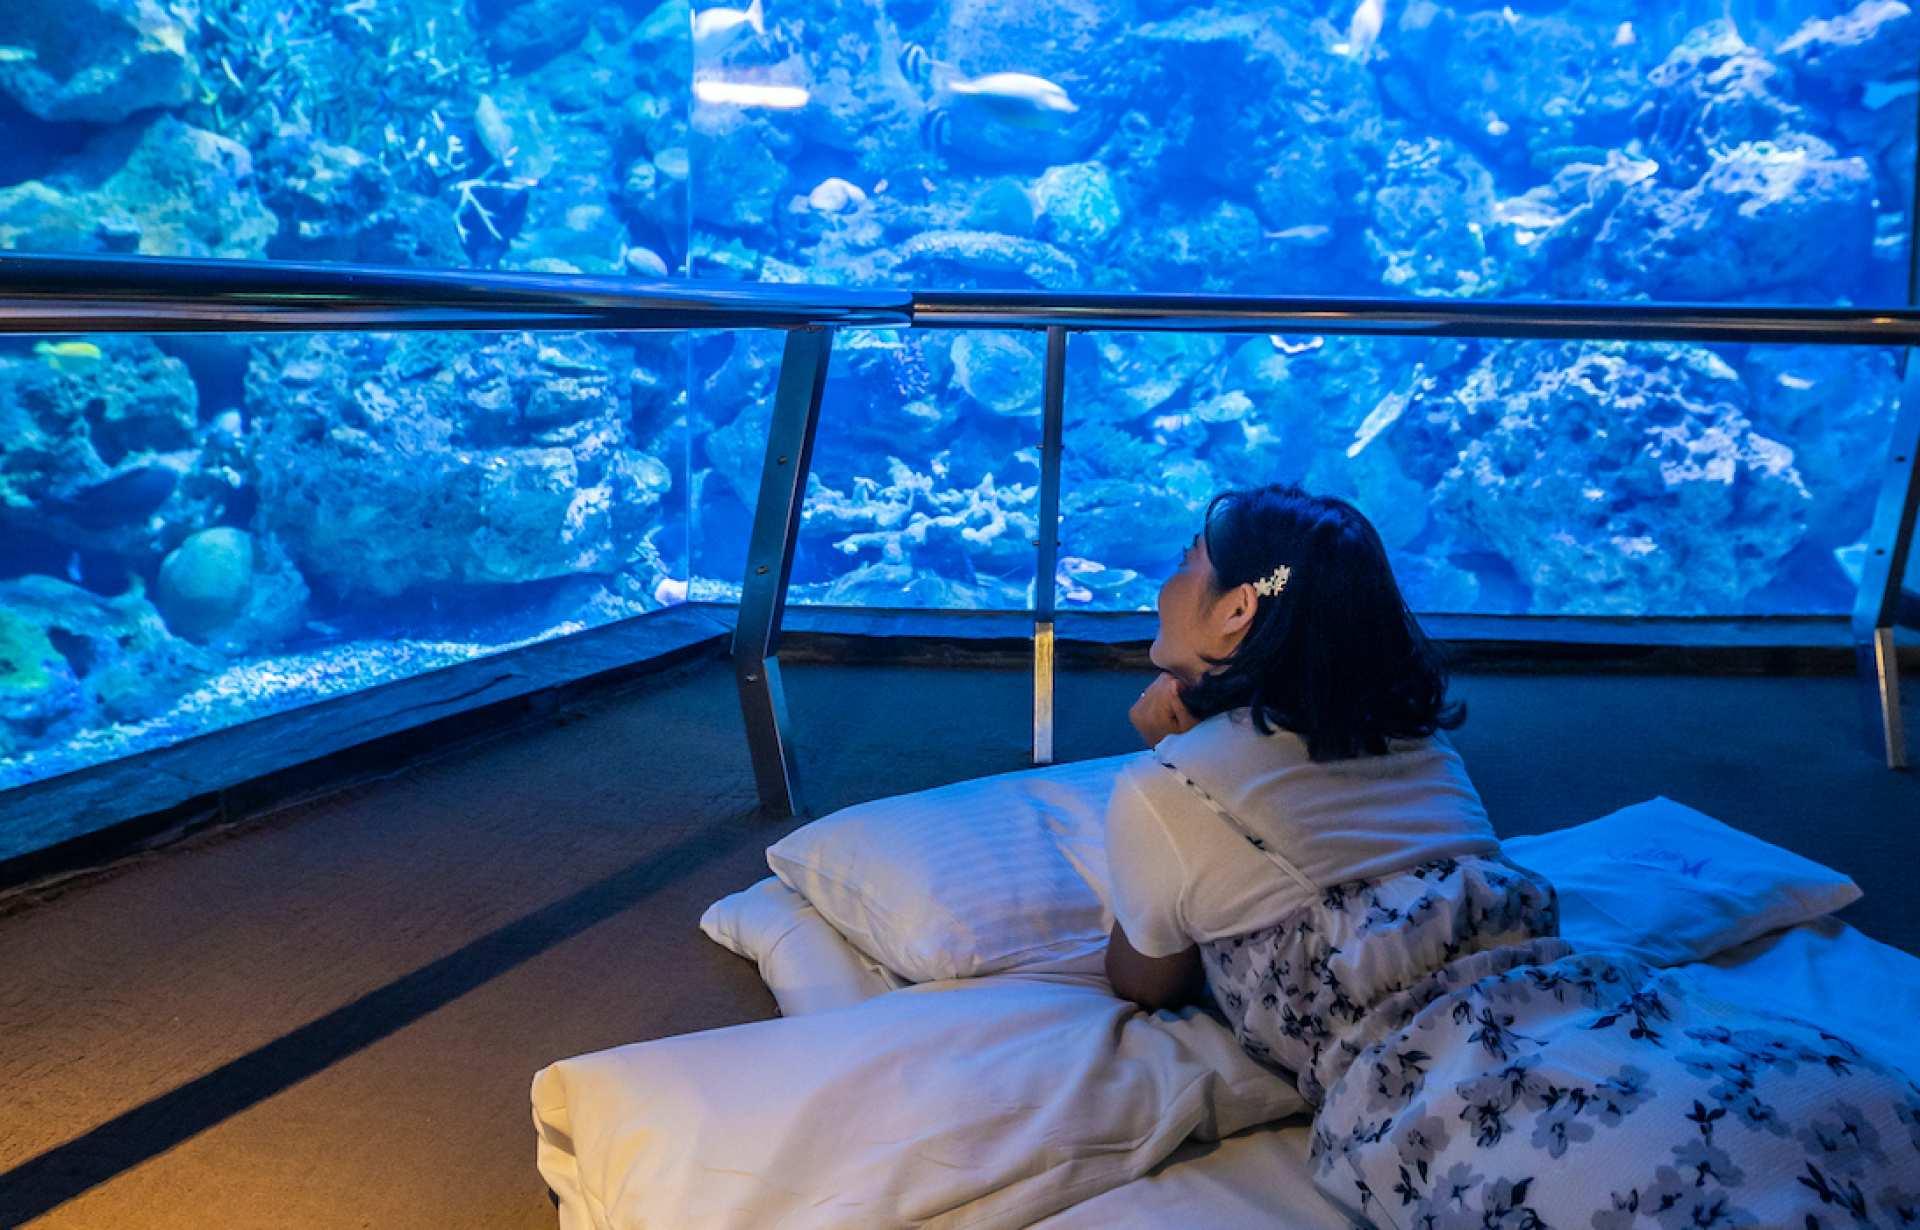 台湾最大の水族館・国立海洋生物博物館 宿泊プラン 墾丁(ケンティン)